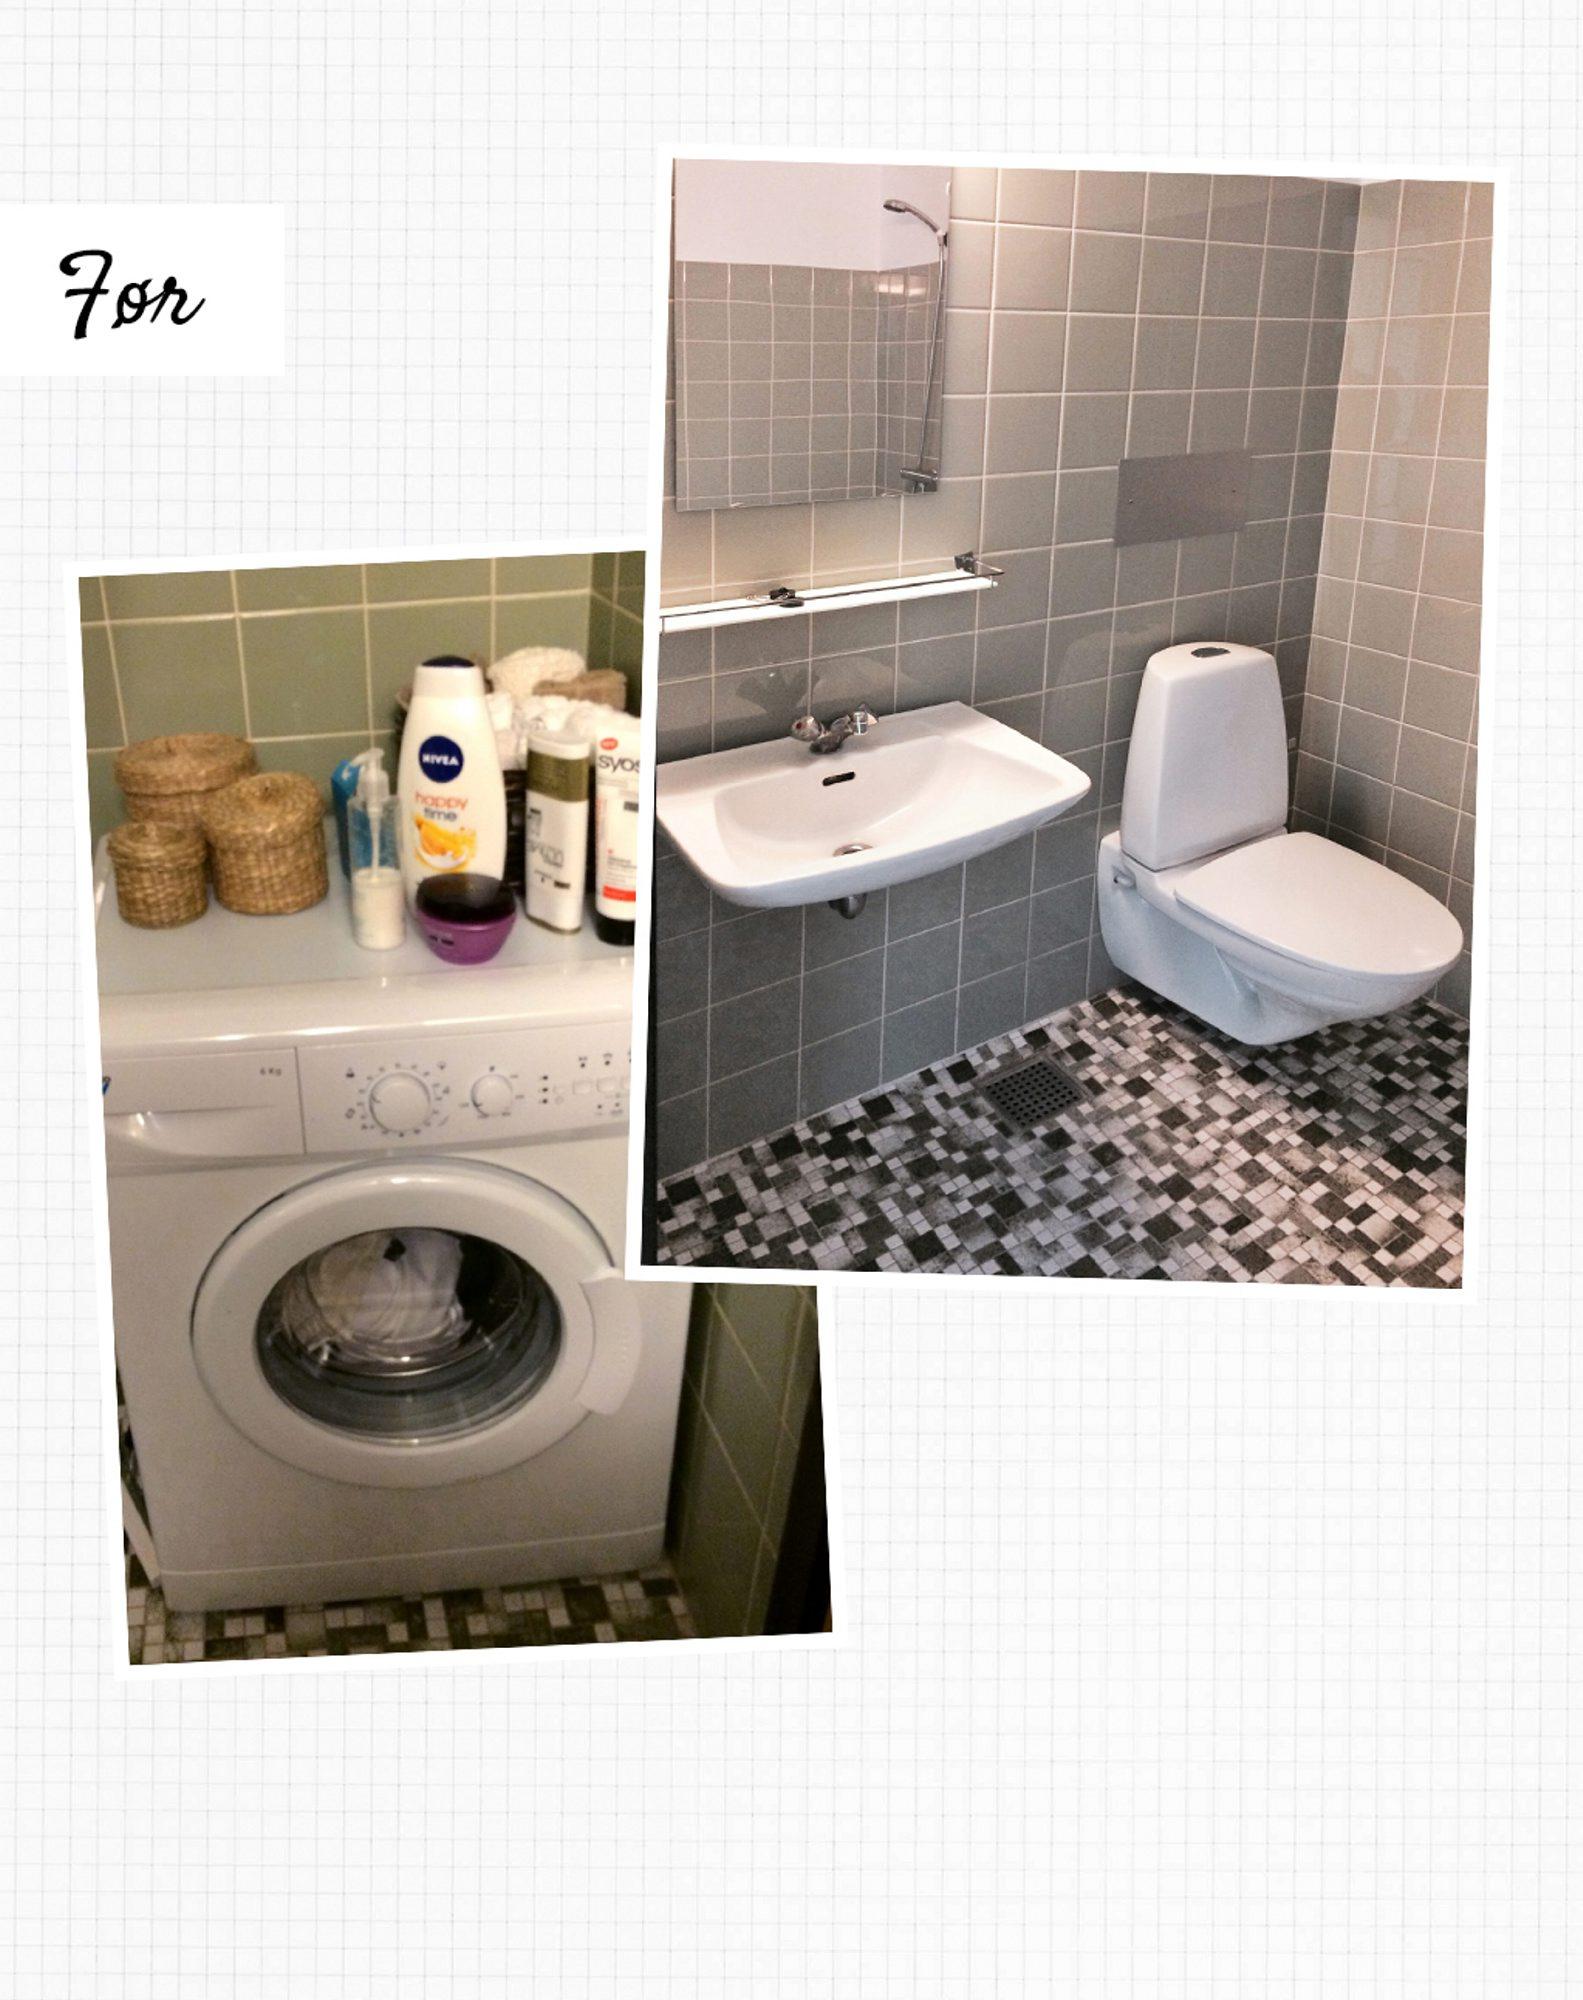 Synlig vaskemaskin og kjedelige, grå toner gjorde at badet sårt hadde behov for en oppfriskning. FOTO: Tia Borgsmidt